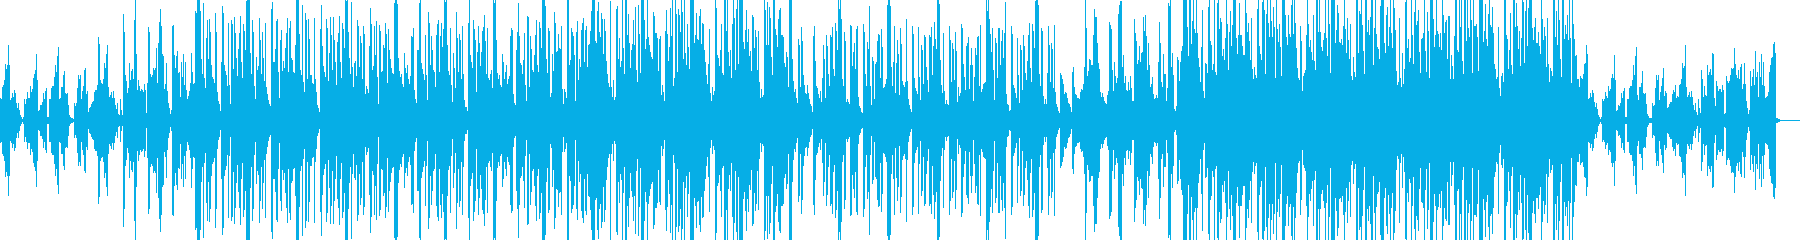 ピアノが印象的な和テイストのヒップホップの再生済みの波形